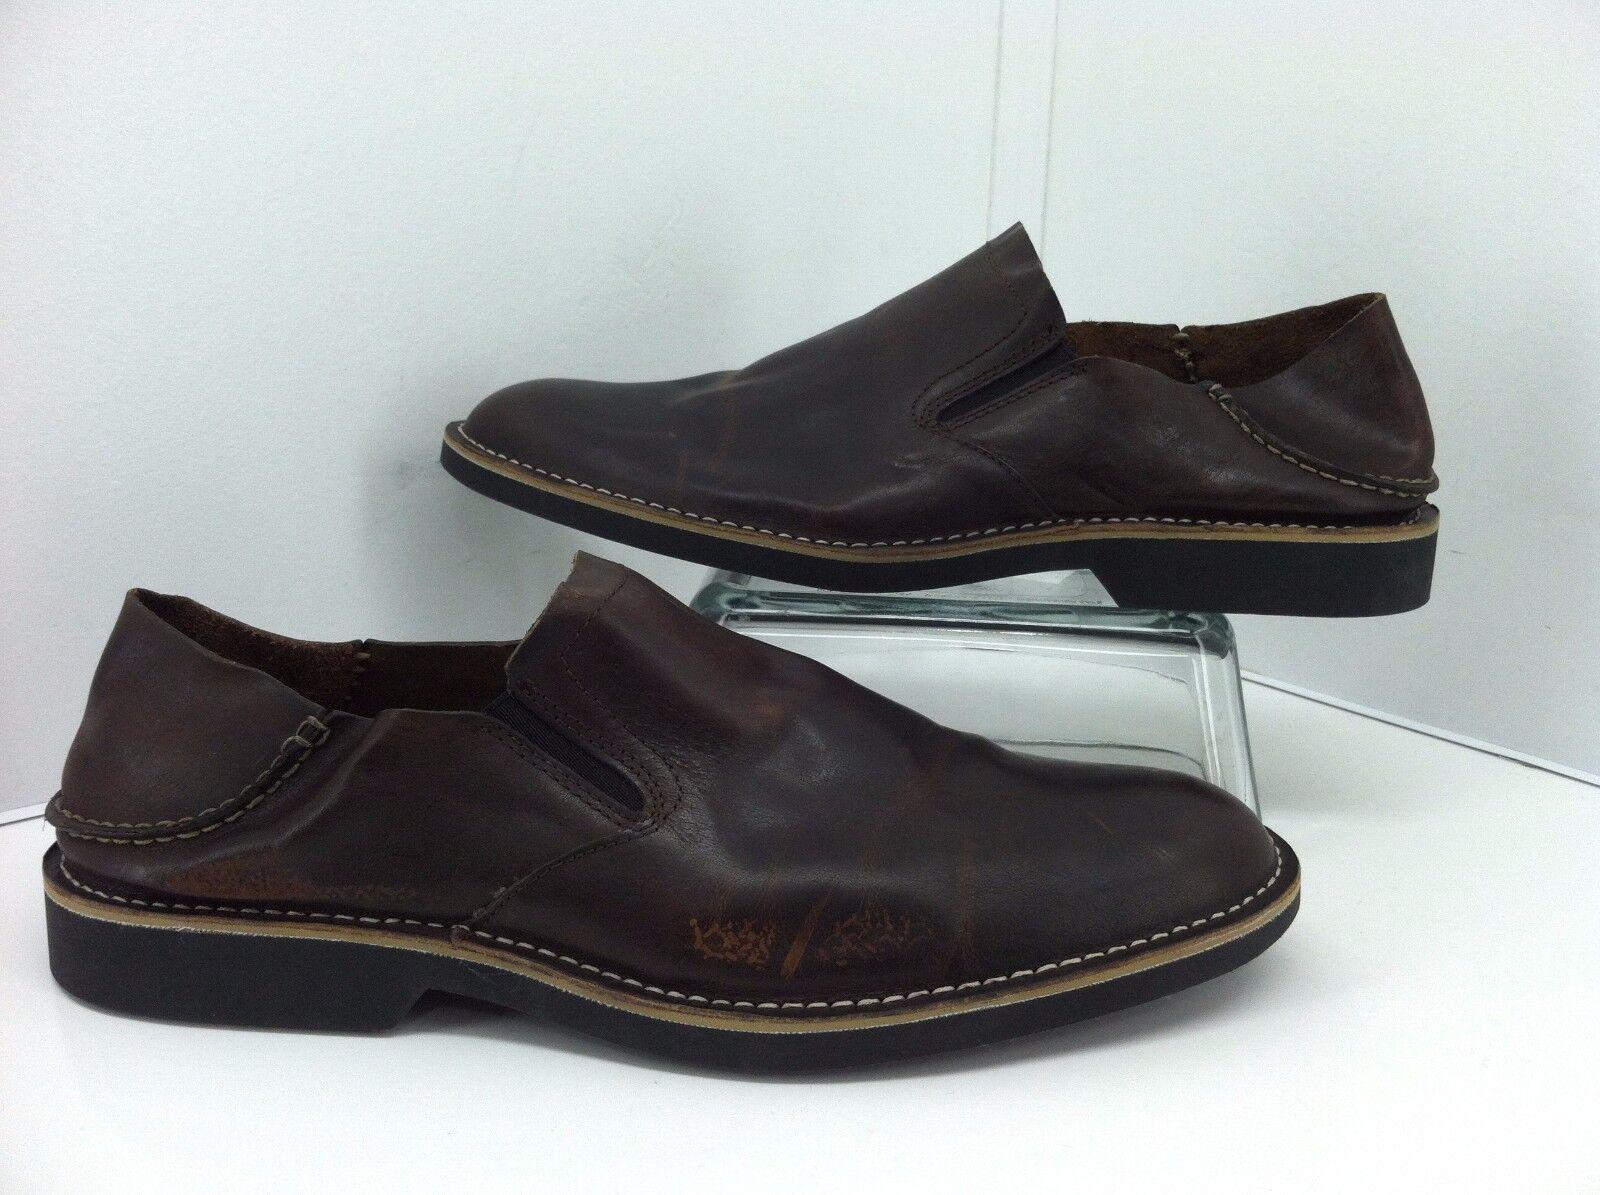 Sperry Top Sider Braun Größe Harbor Slip On Schuhes. Größe Braun 11.5 Style STS10276 44af53